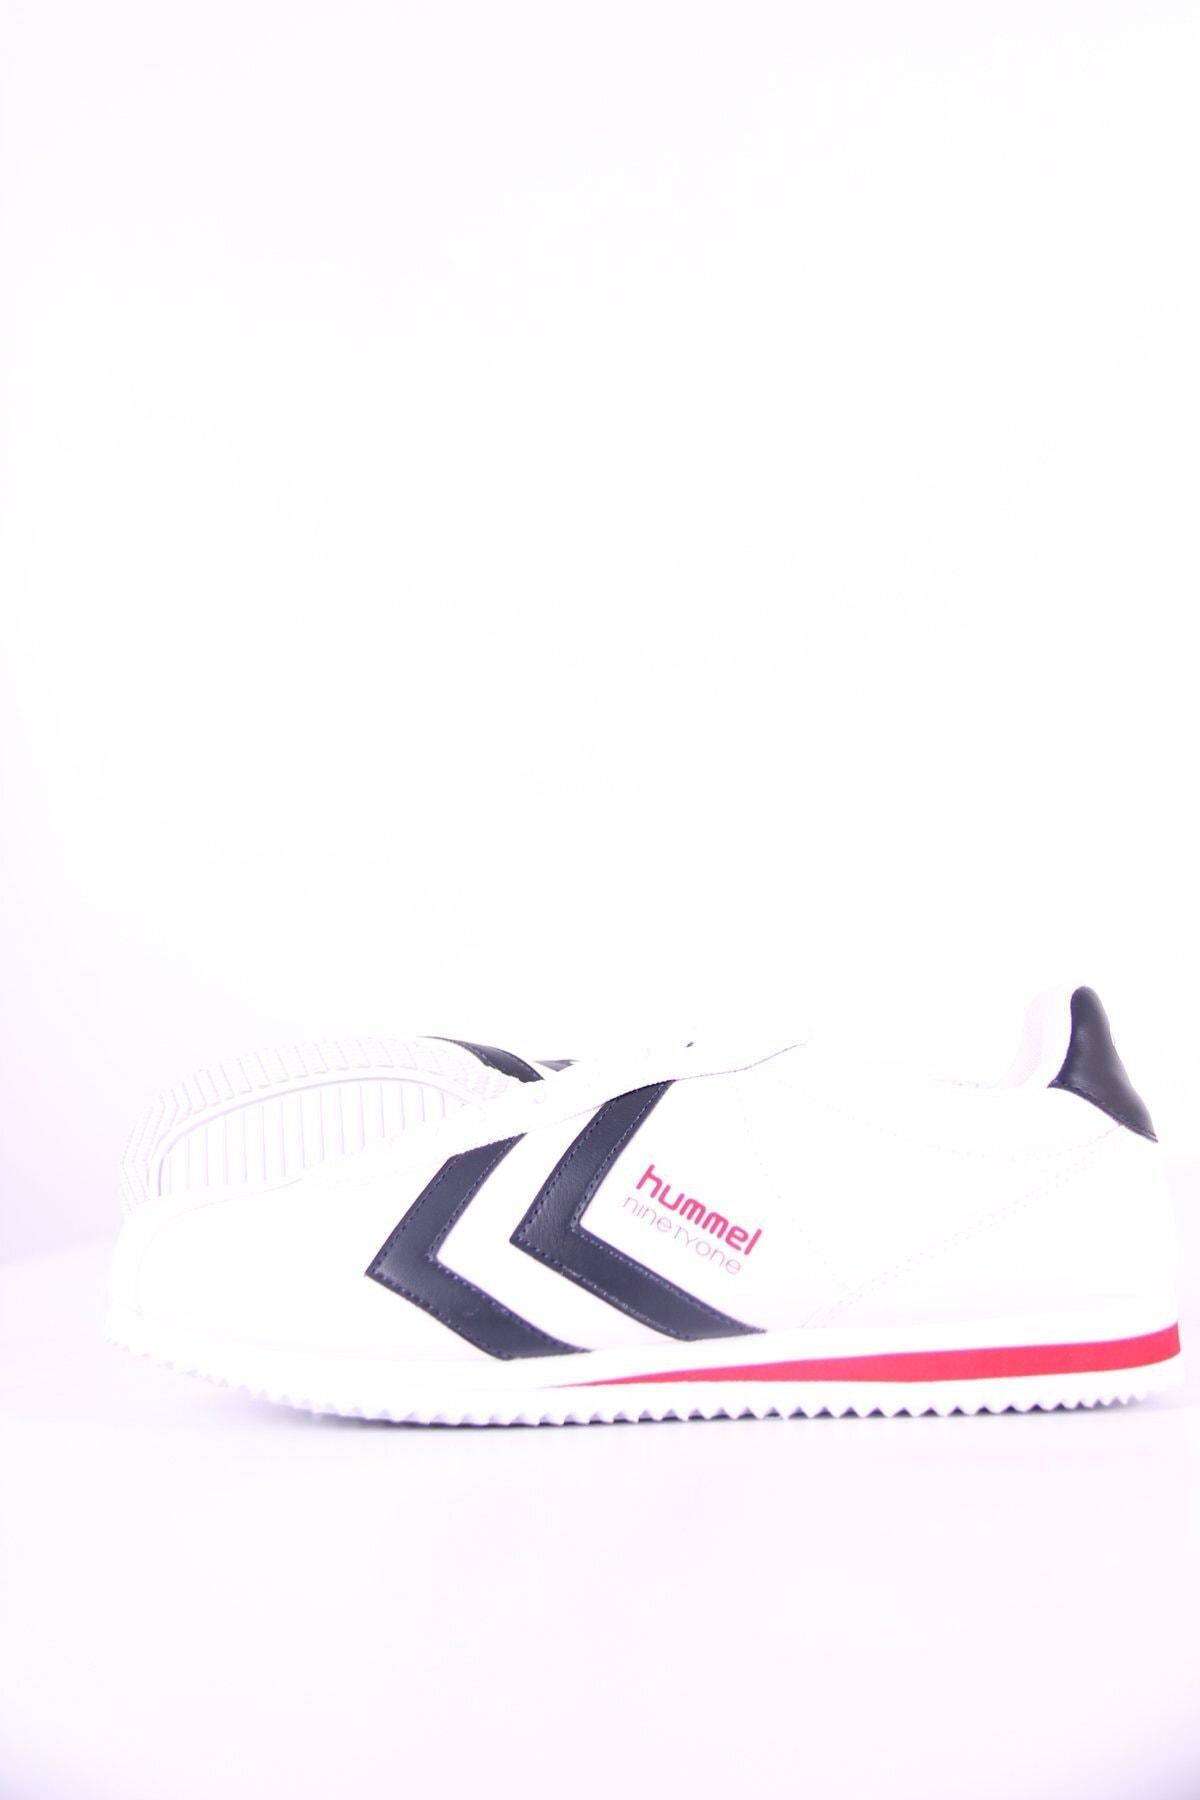 HUMMEL Unisex Beyaz Ninetyone Spor Ayakkabı 206307-9001 1